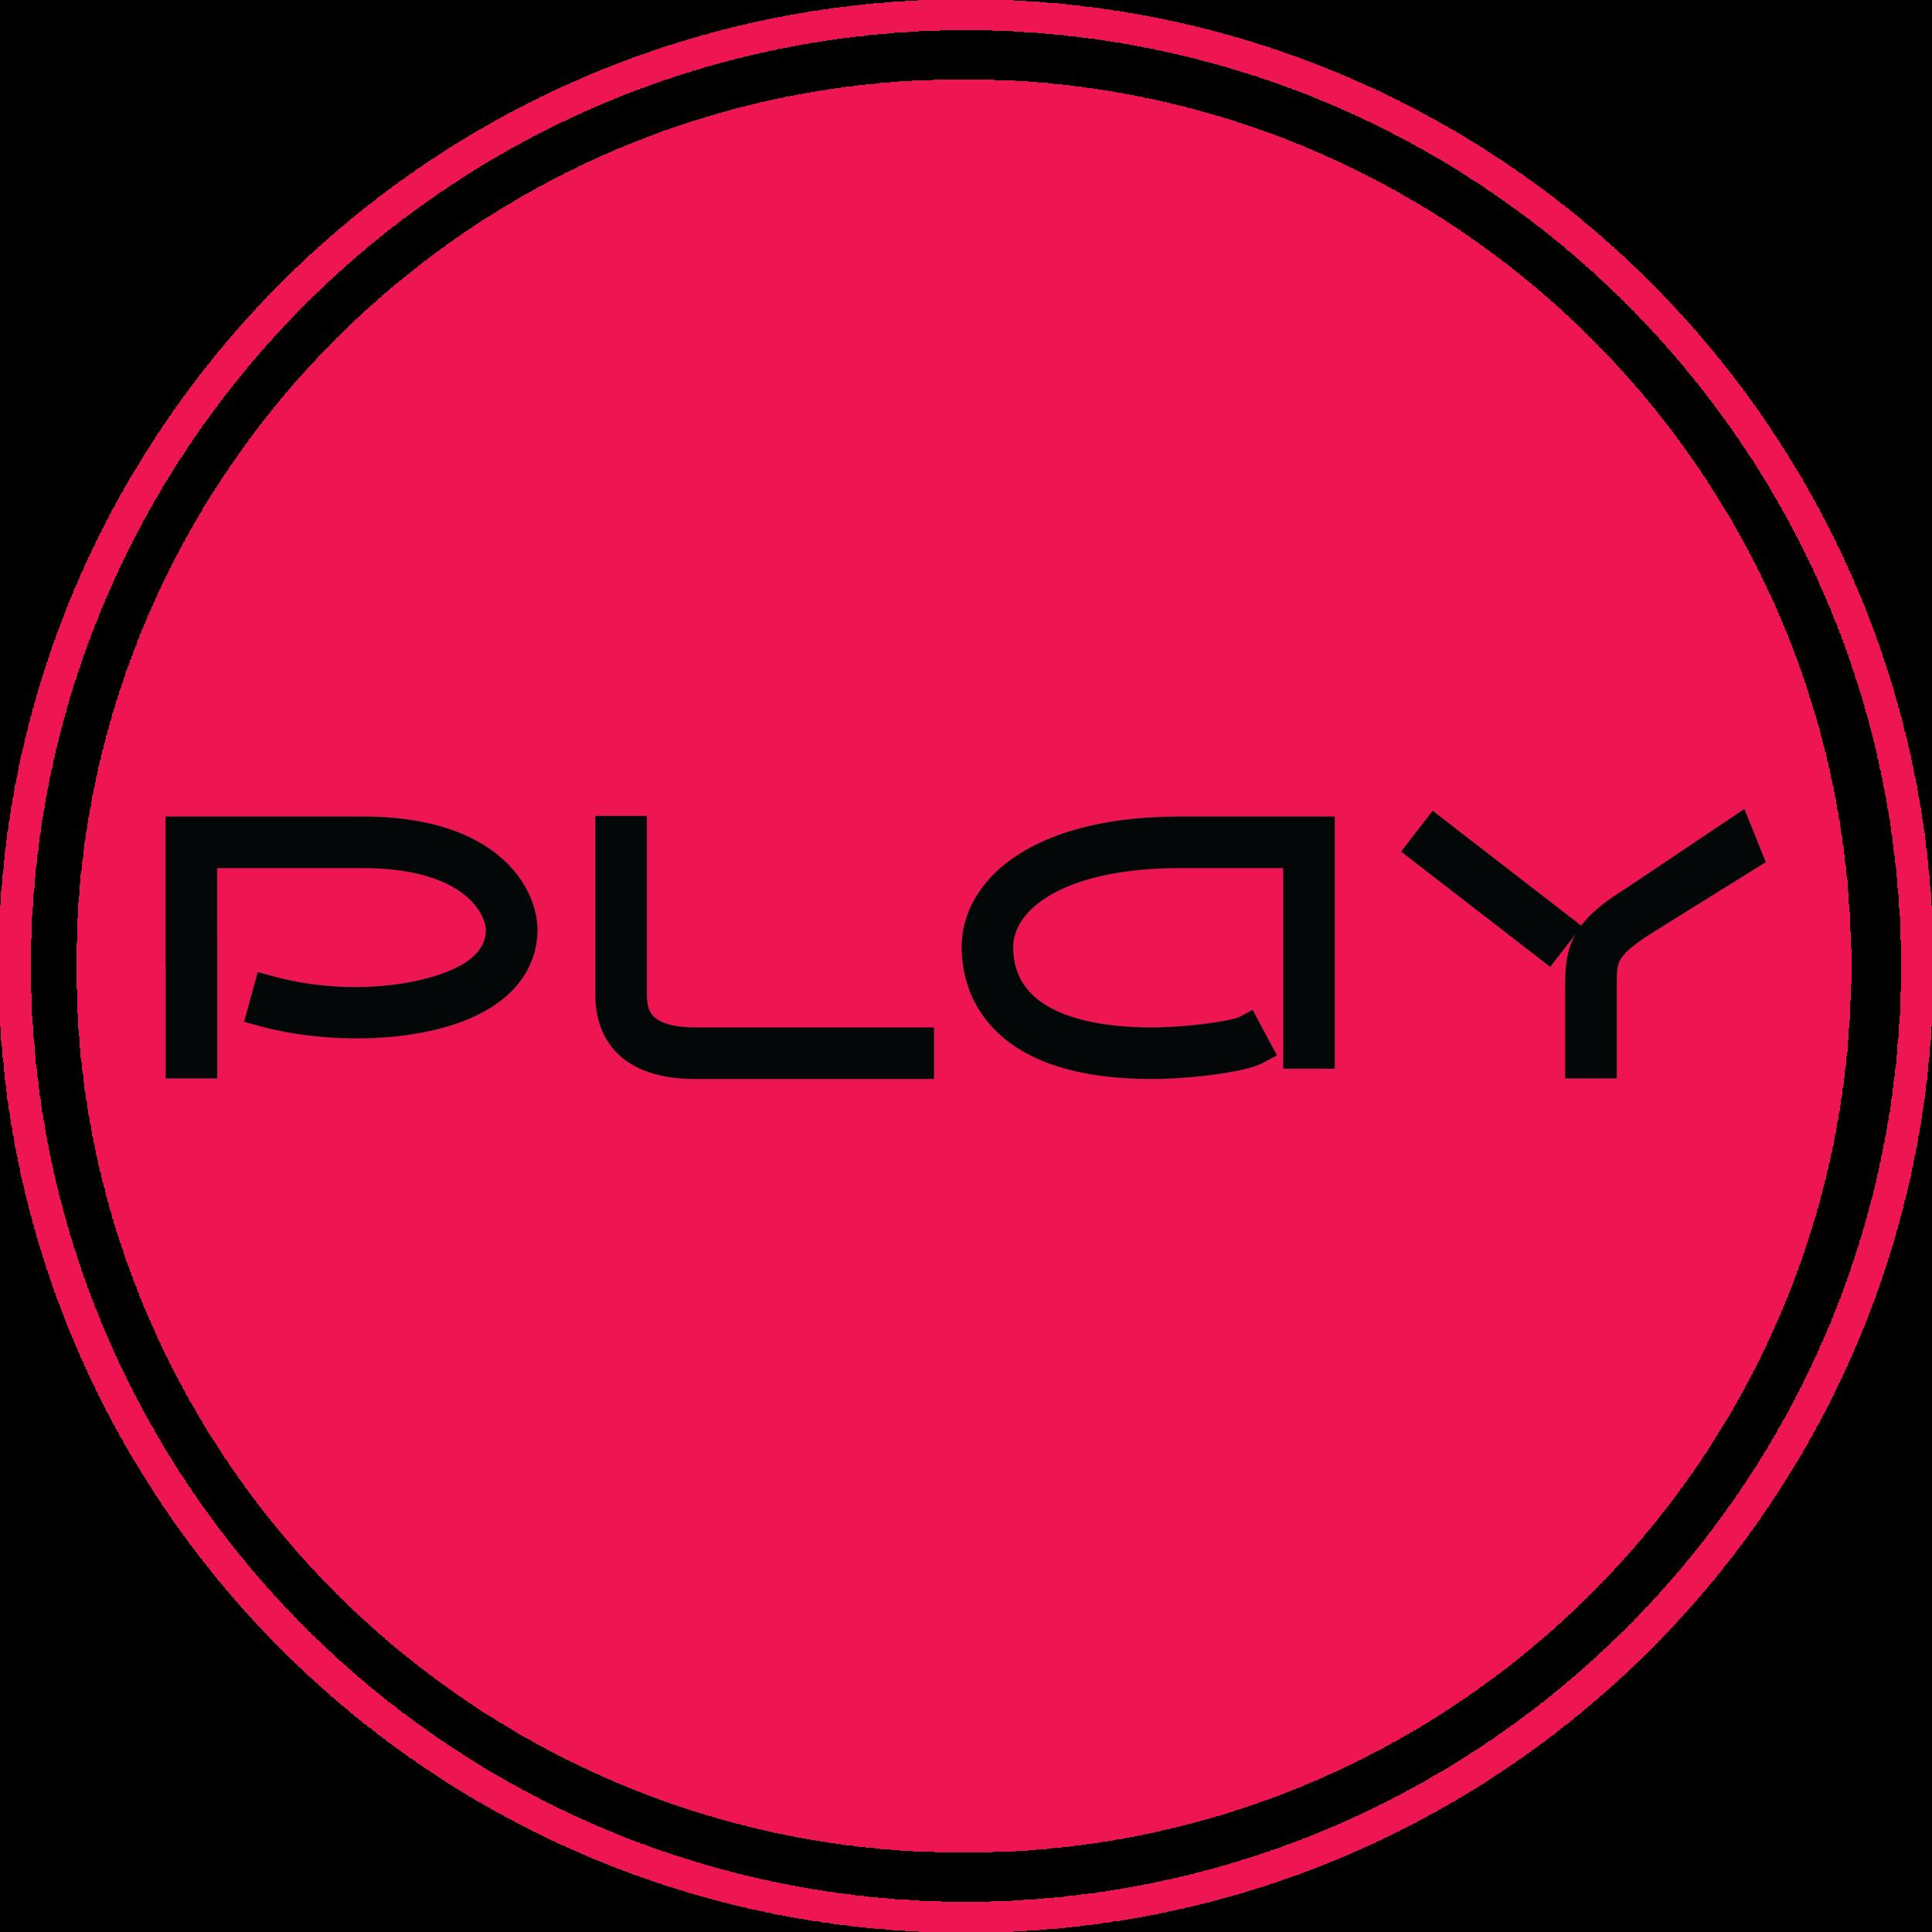 playlogo-circleblackthick.png